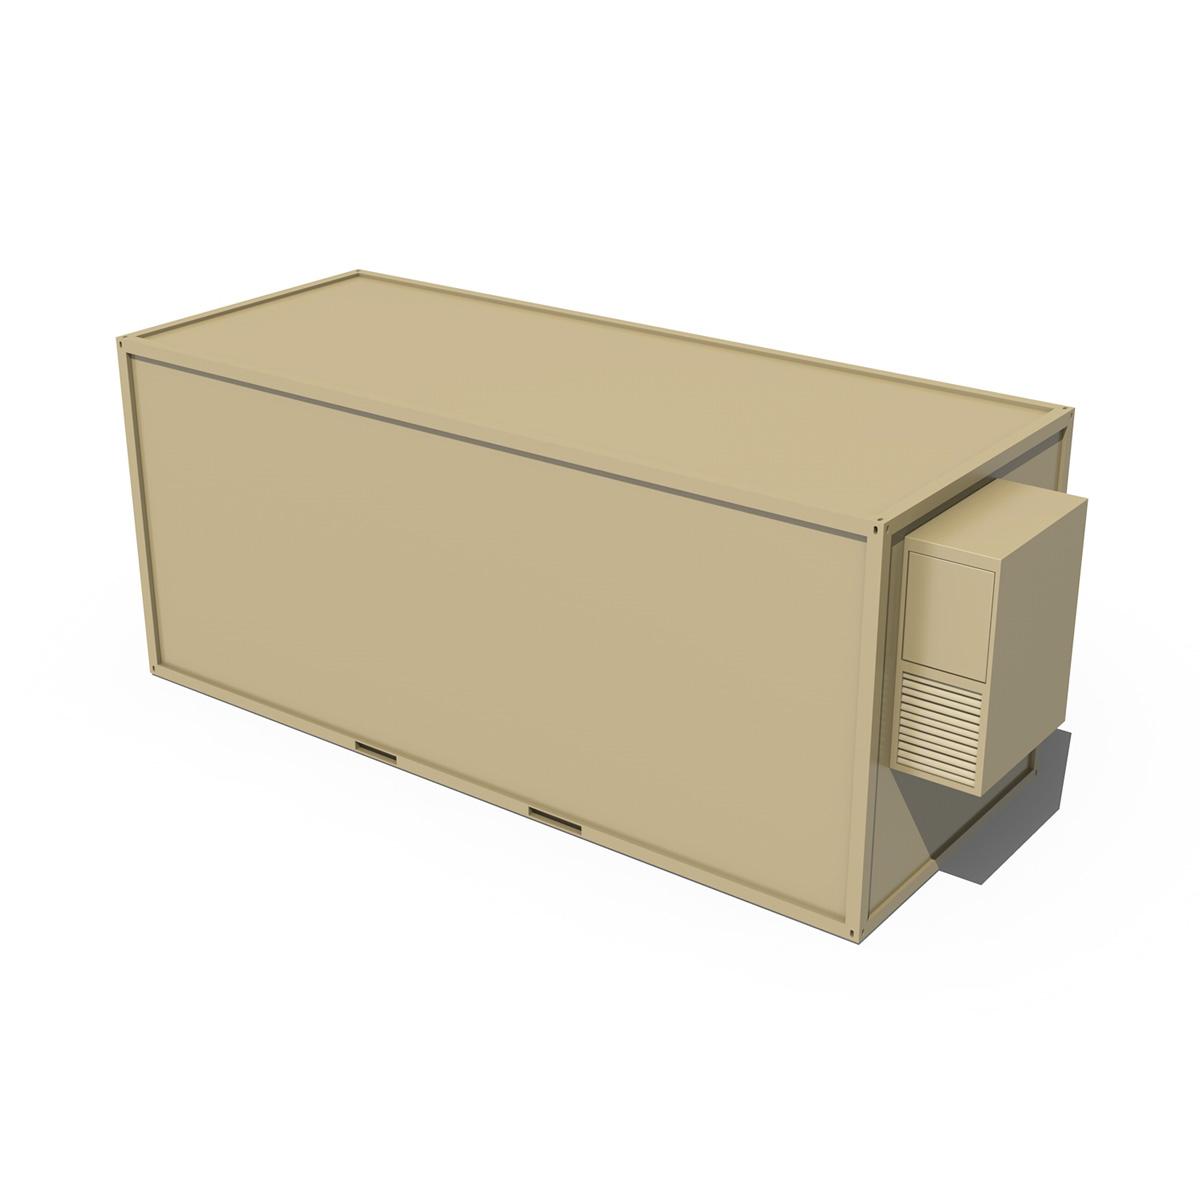 20ft office container version two 3d model 3ds fbx c4d lwo obj 252275